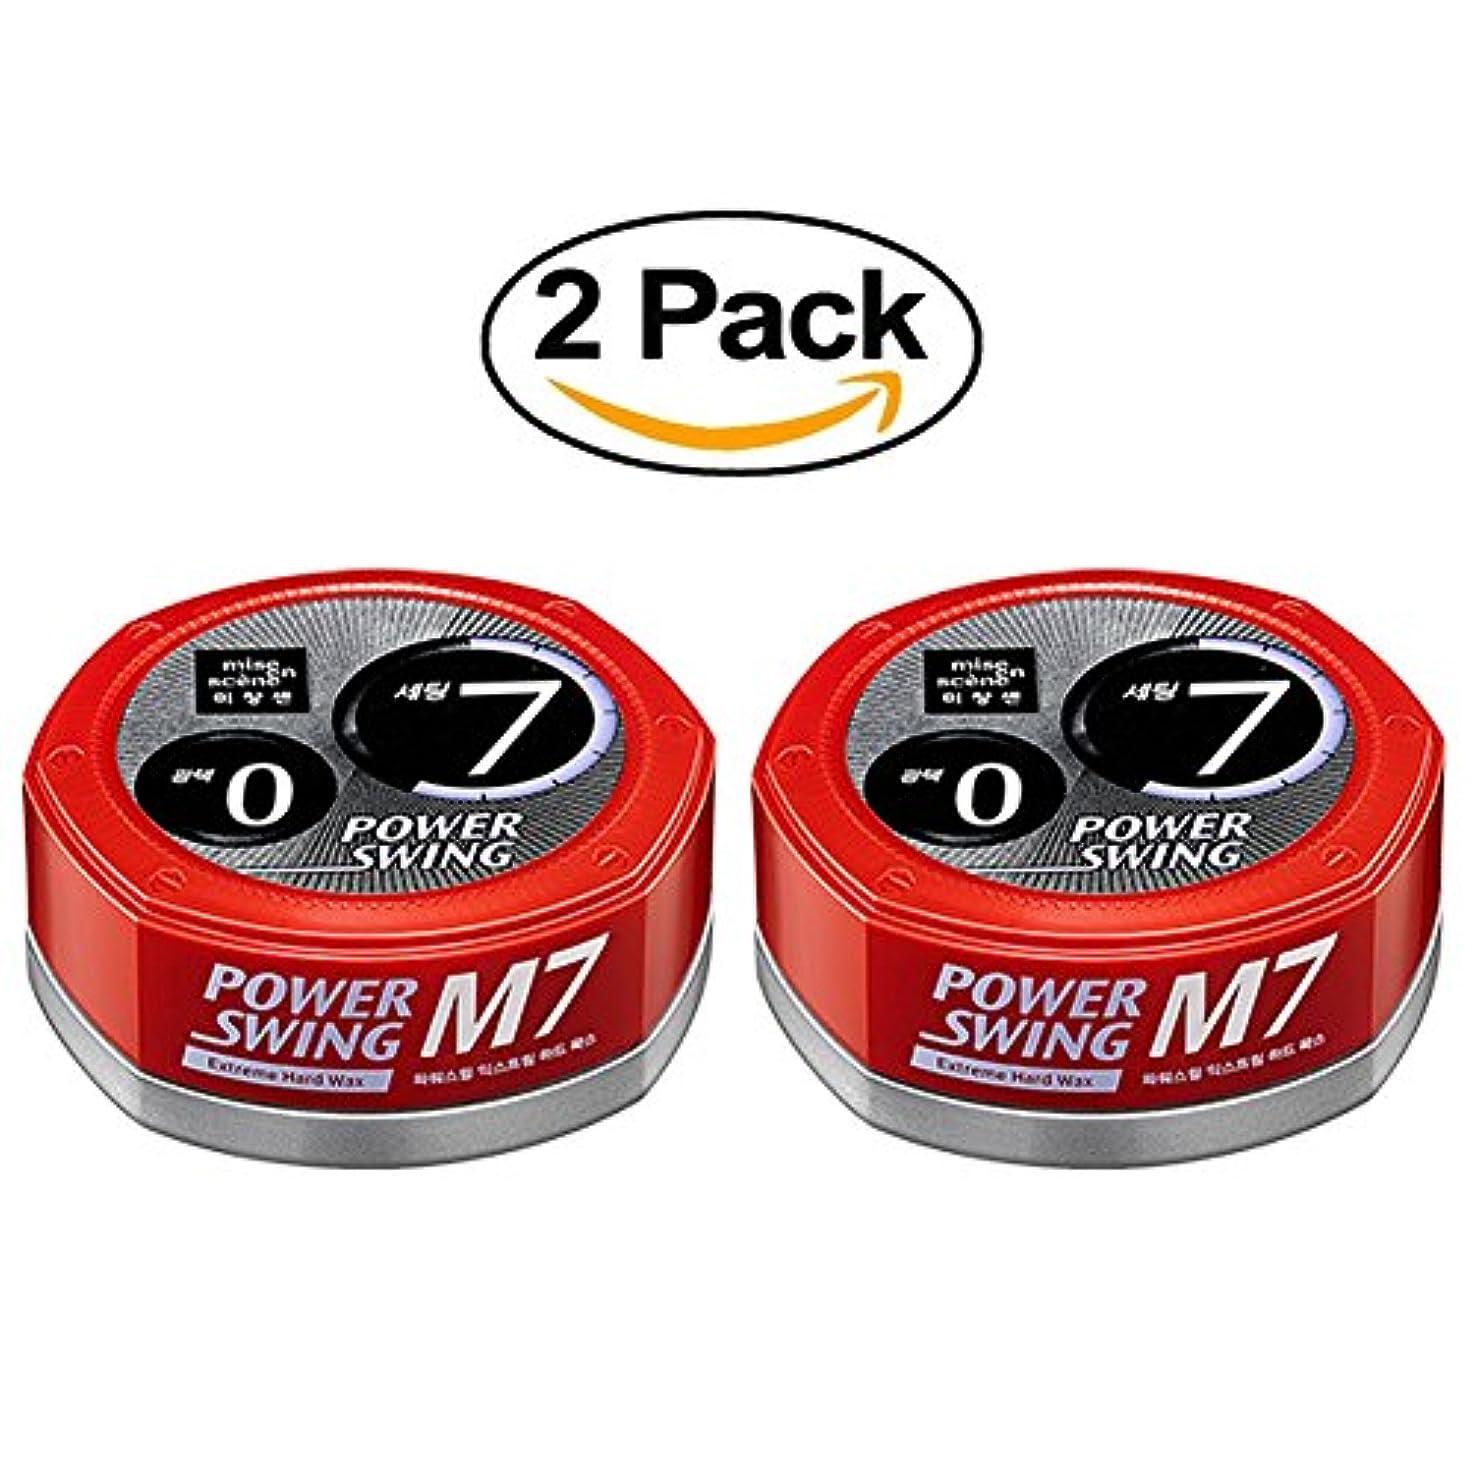 カカドゥ遵守する罰Mise En Scene Power Swing Hair Wax 80 G M7 Extreme Hard Hair Styling for Man 2PACK ミゼ?エン?シーンパワー?スイング?ヘア?ワックス80...